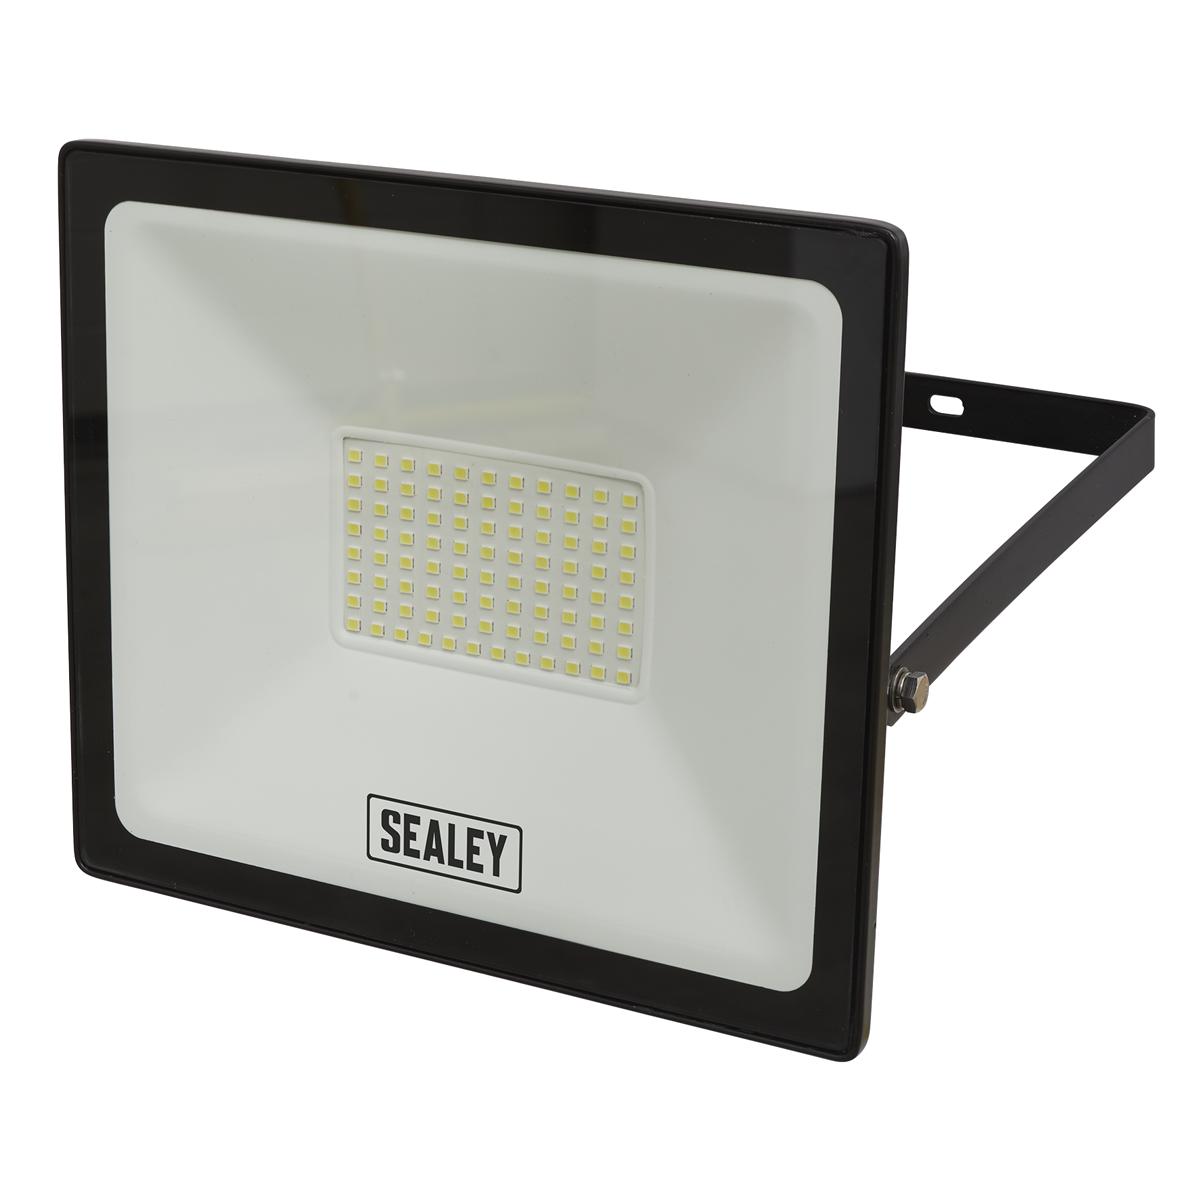 Extra Slim Floodlight with Wall Bracket 70W SMD LED